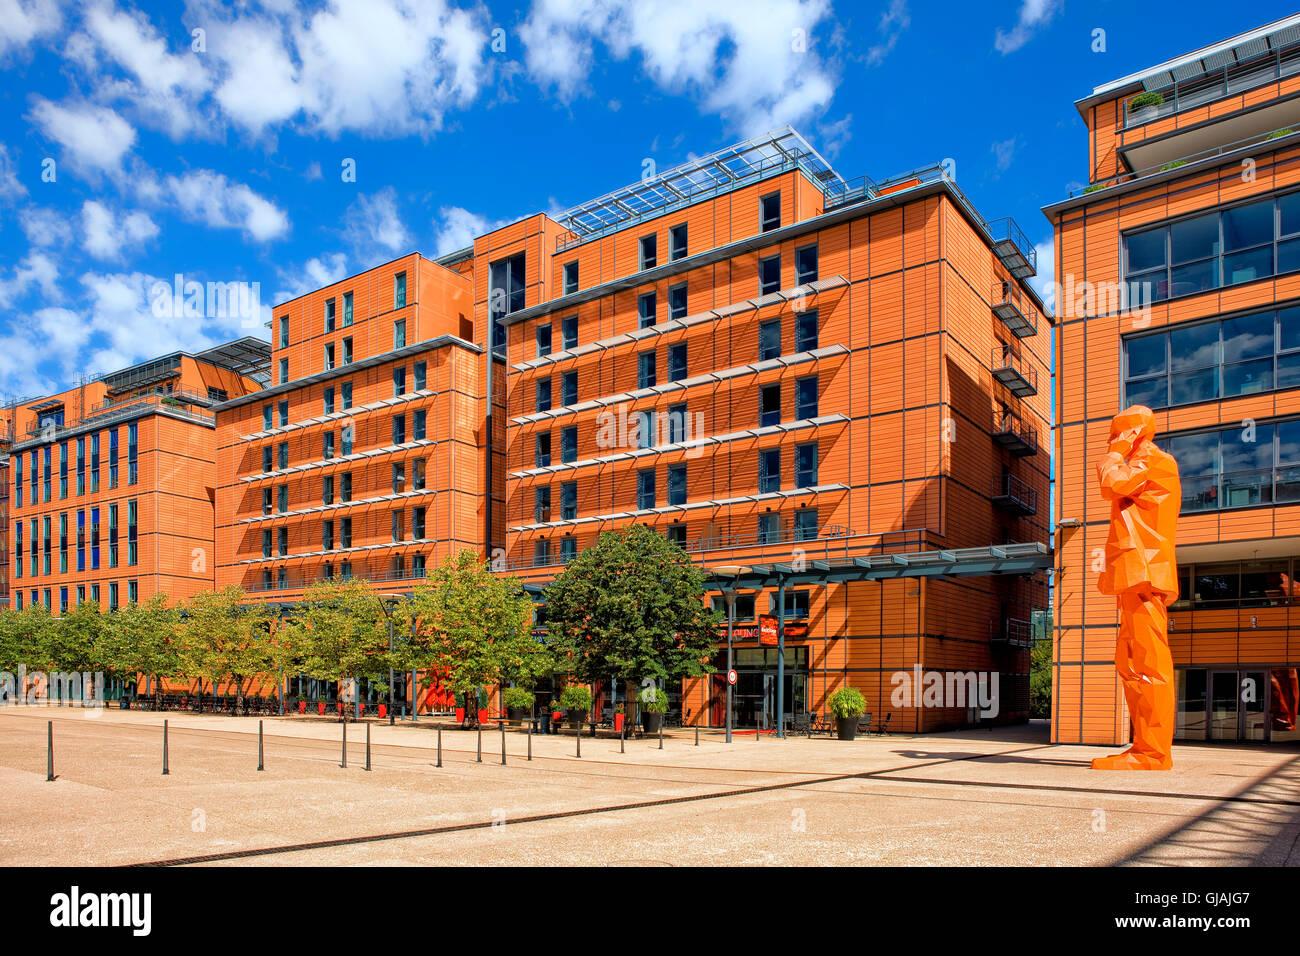 Architettura moderna nel cite Internatinale a Lione, Francia Immagini Stock